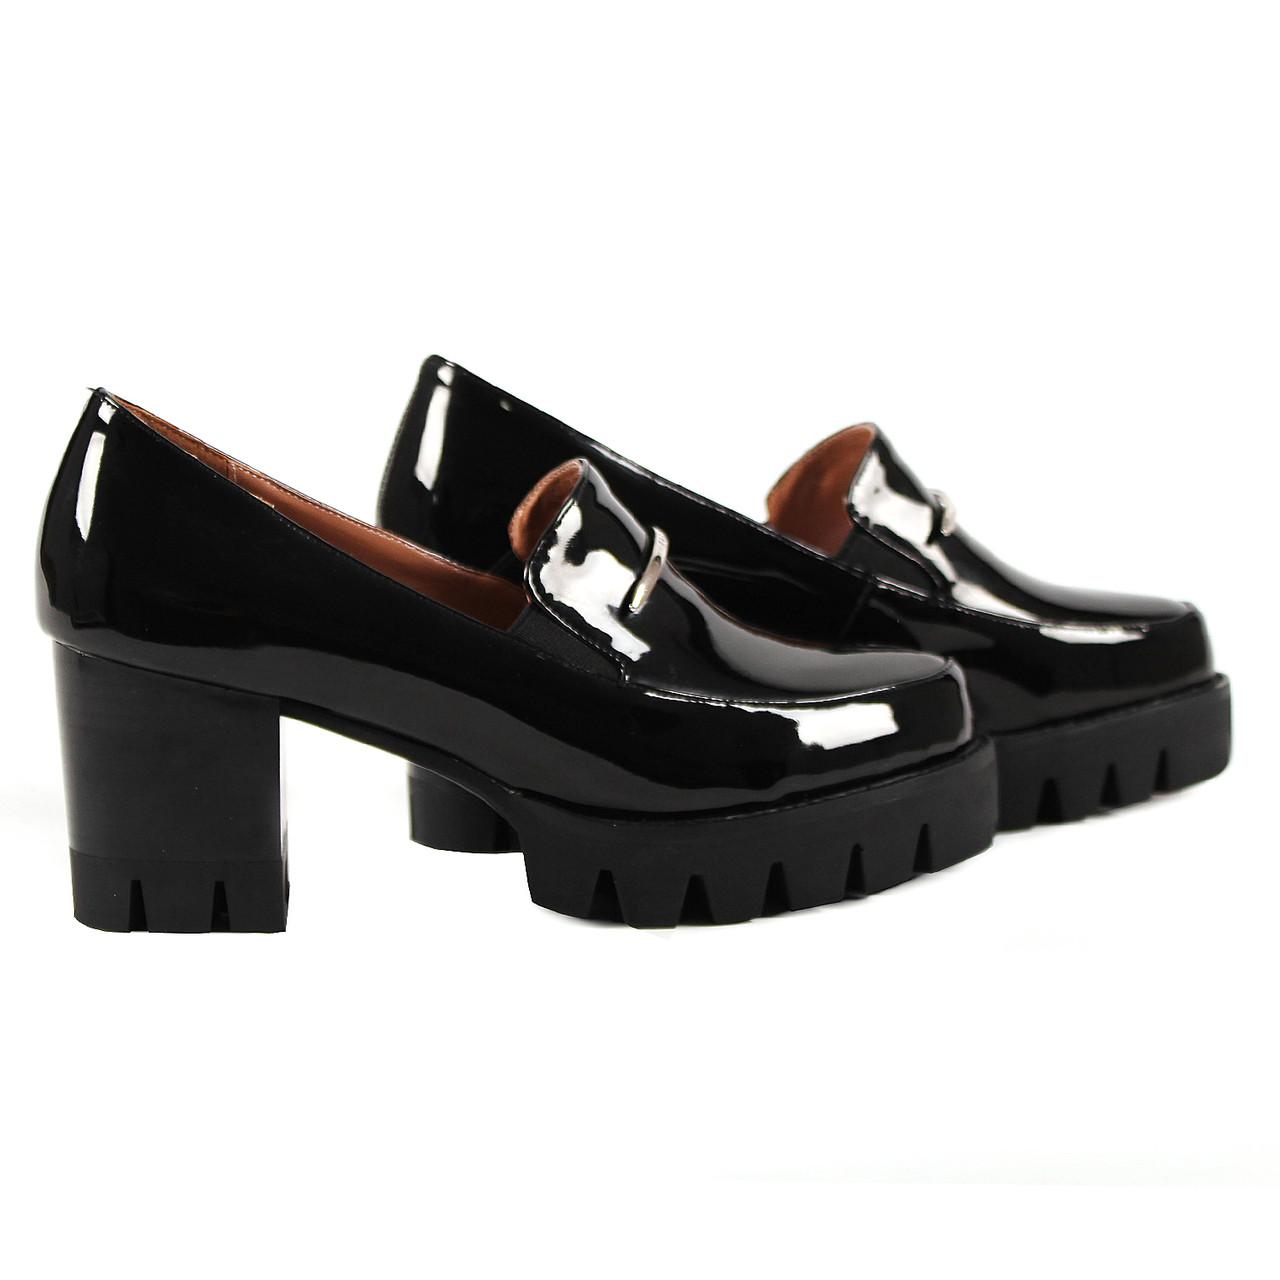 a8af09151 Модные женские туфли Gelsomino ( весенние, летние, осенние, на удобном  каблуке, на